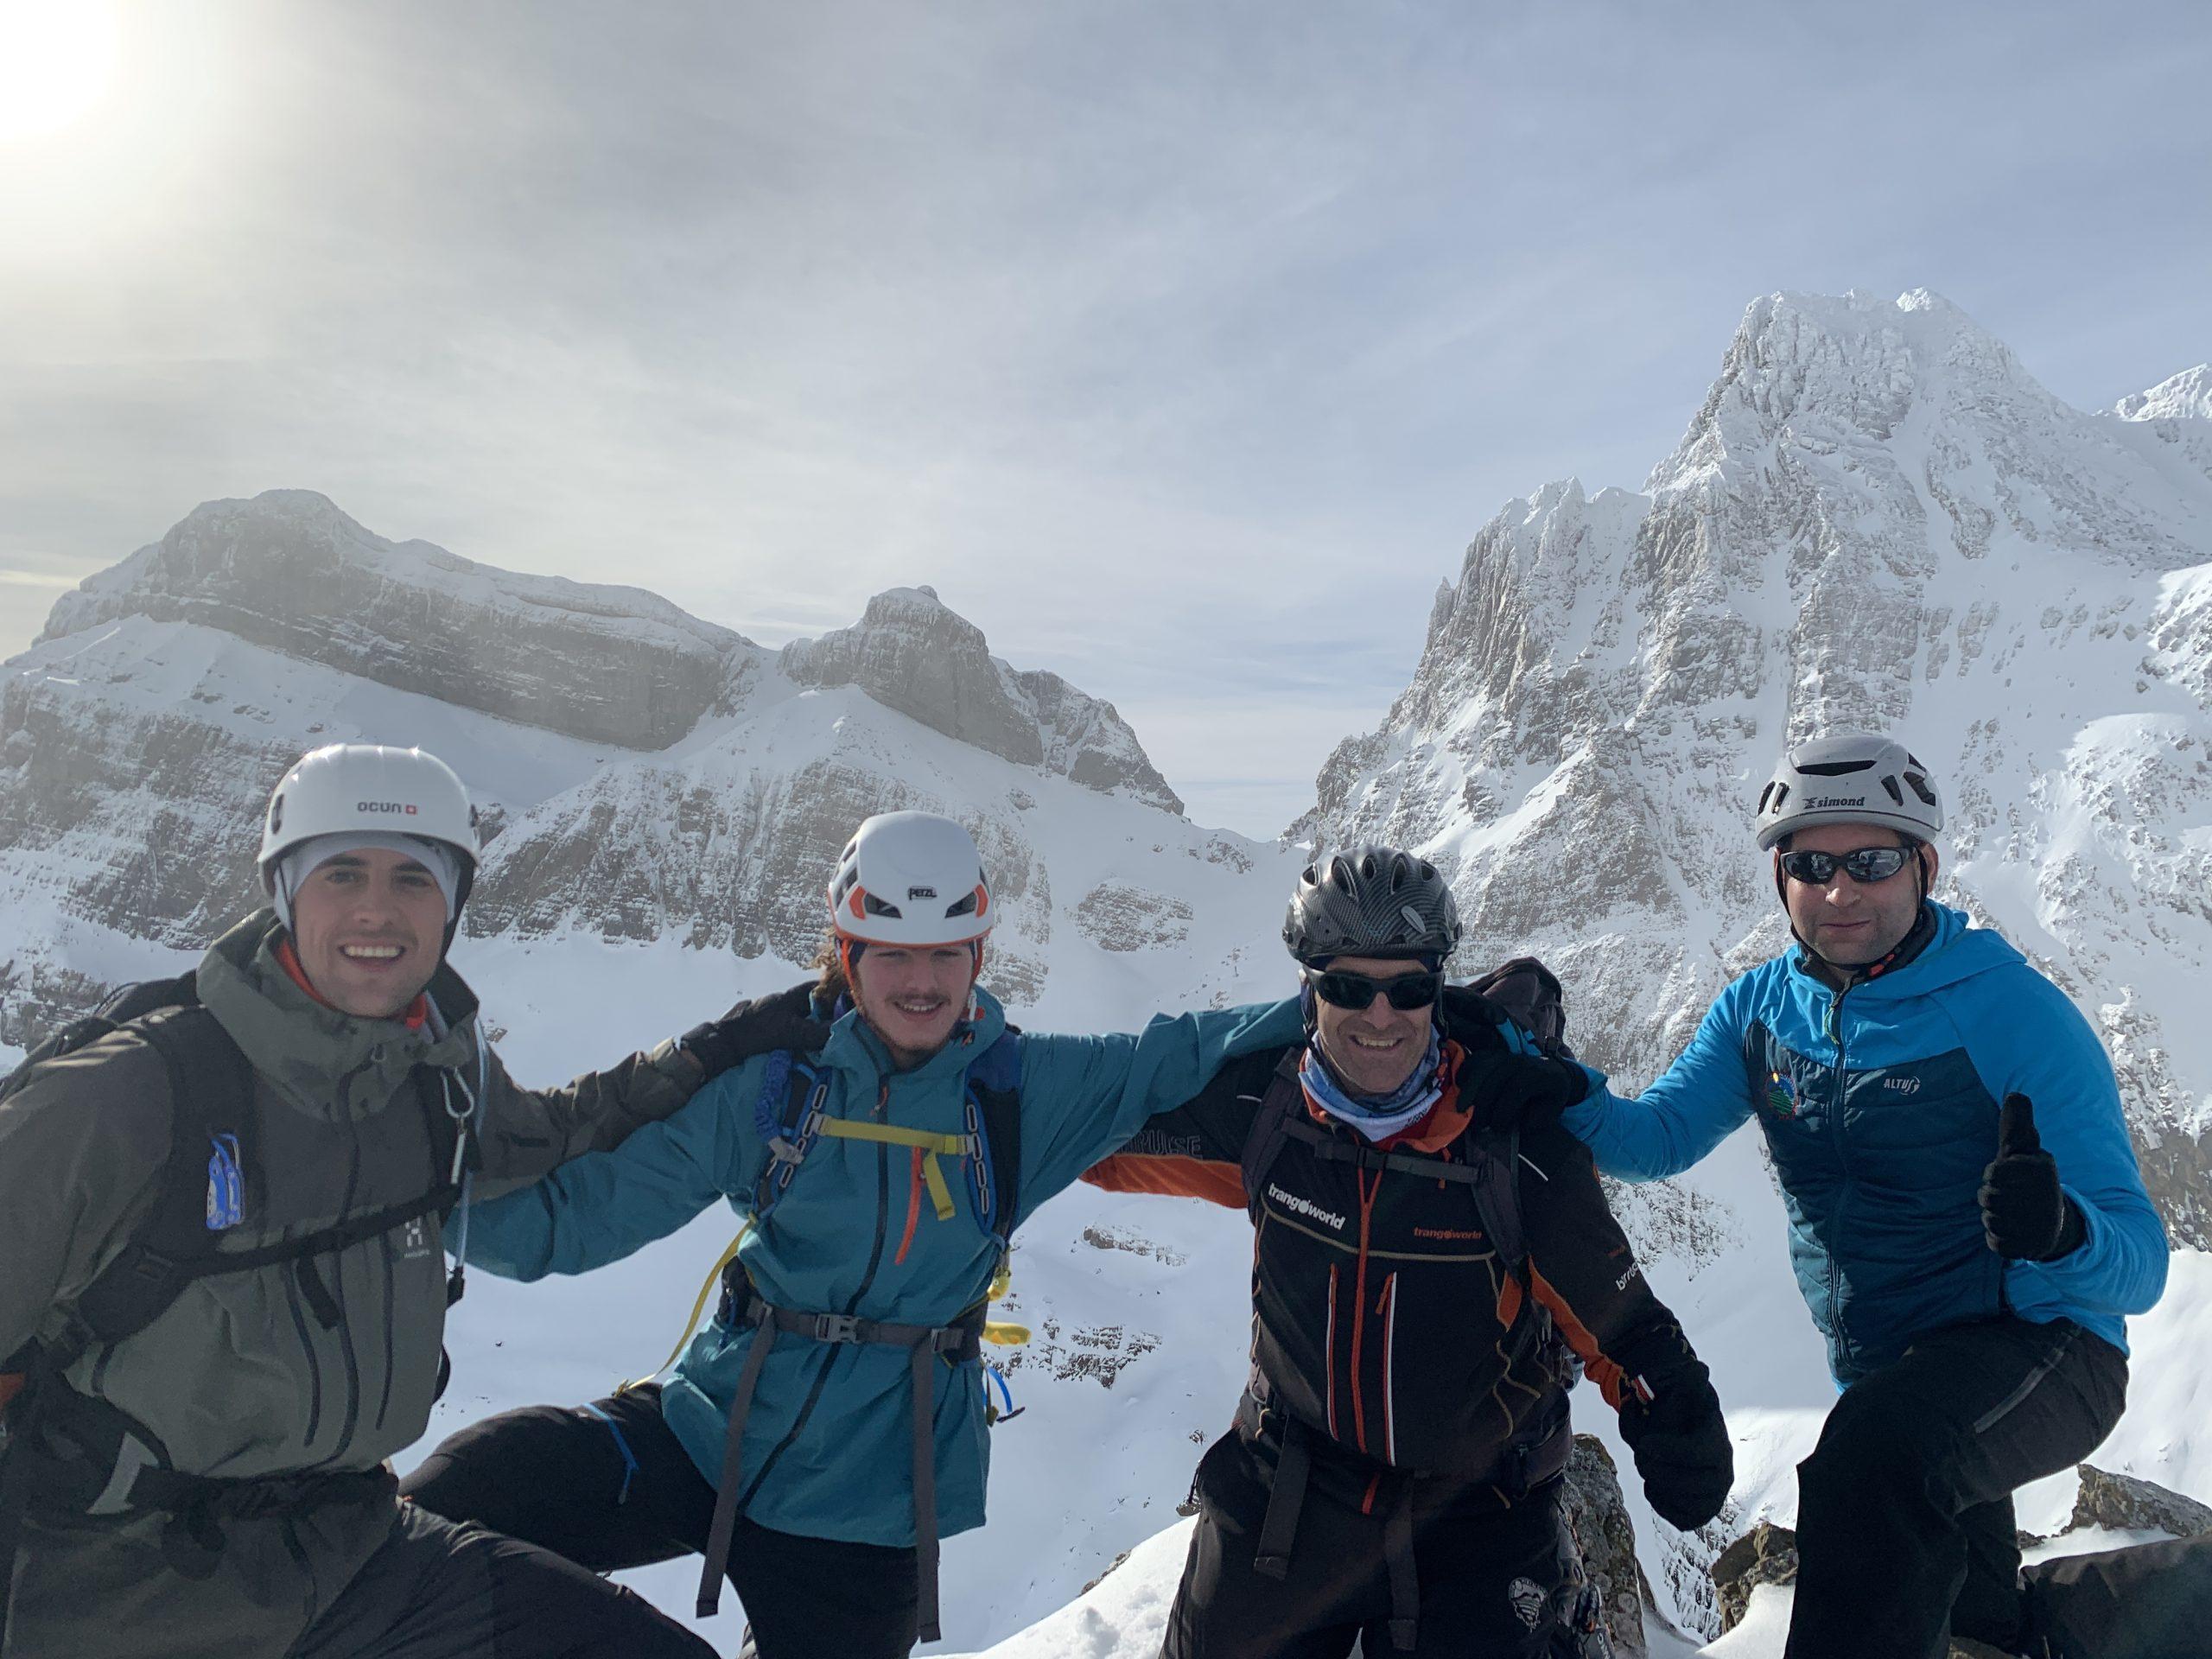 Espectacular vista dle Aspe desde la cima de Tuca Blanca. de izda. a dcha. Jorge, Ignacio, Pedro y J. J.